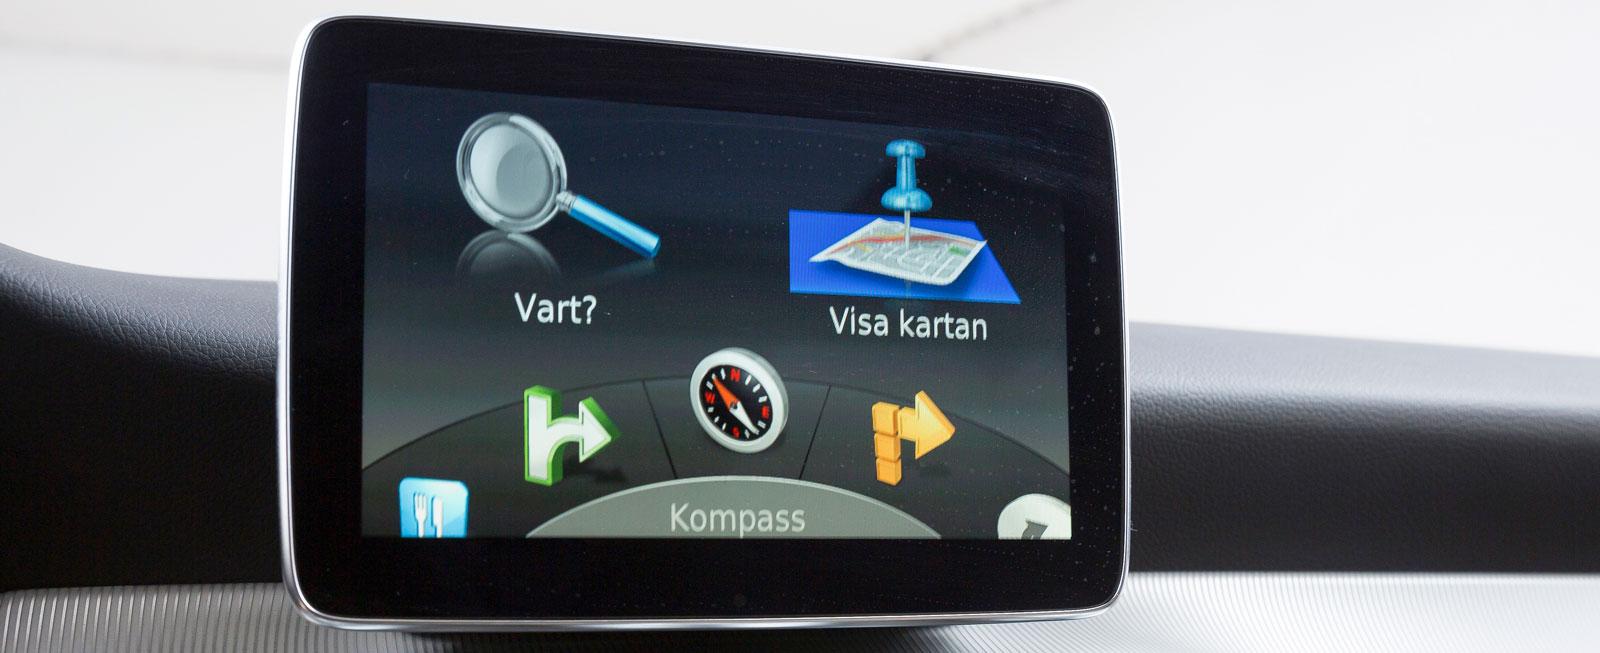 Mercedes grundsystem är både lättfattligt och lätthanterligt, men inte så innehållsrikt. I testbilen var systemet kompletterat med en navigator från Garmin (bilden).